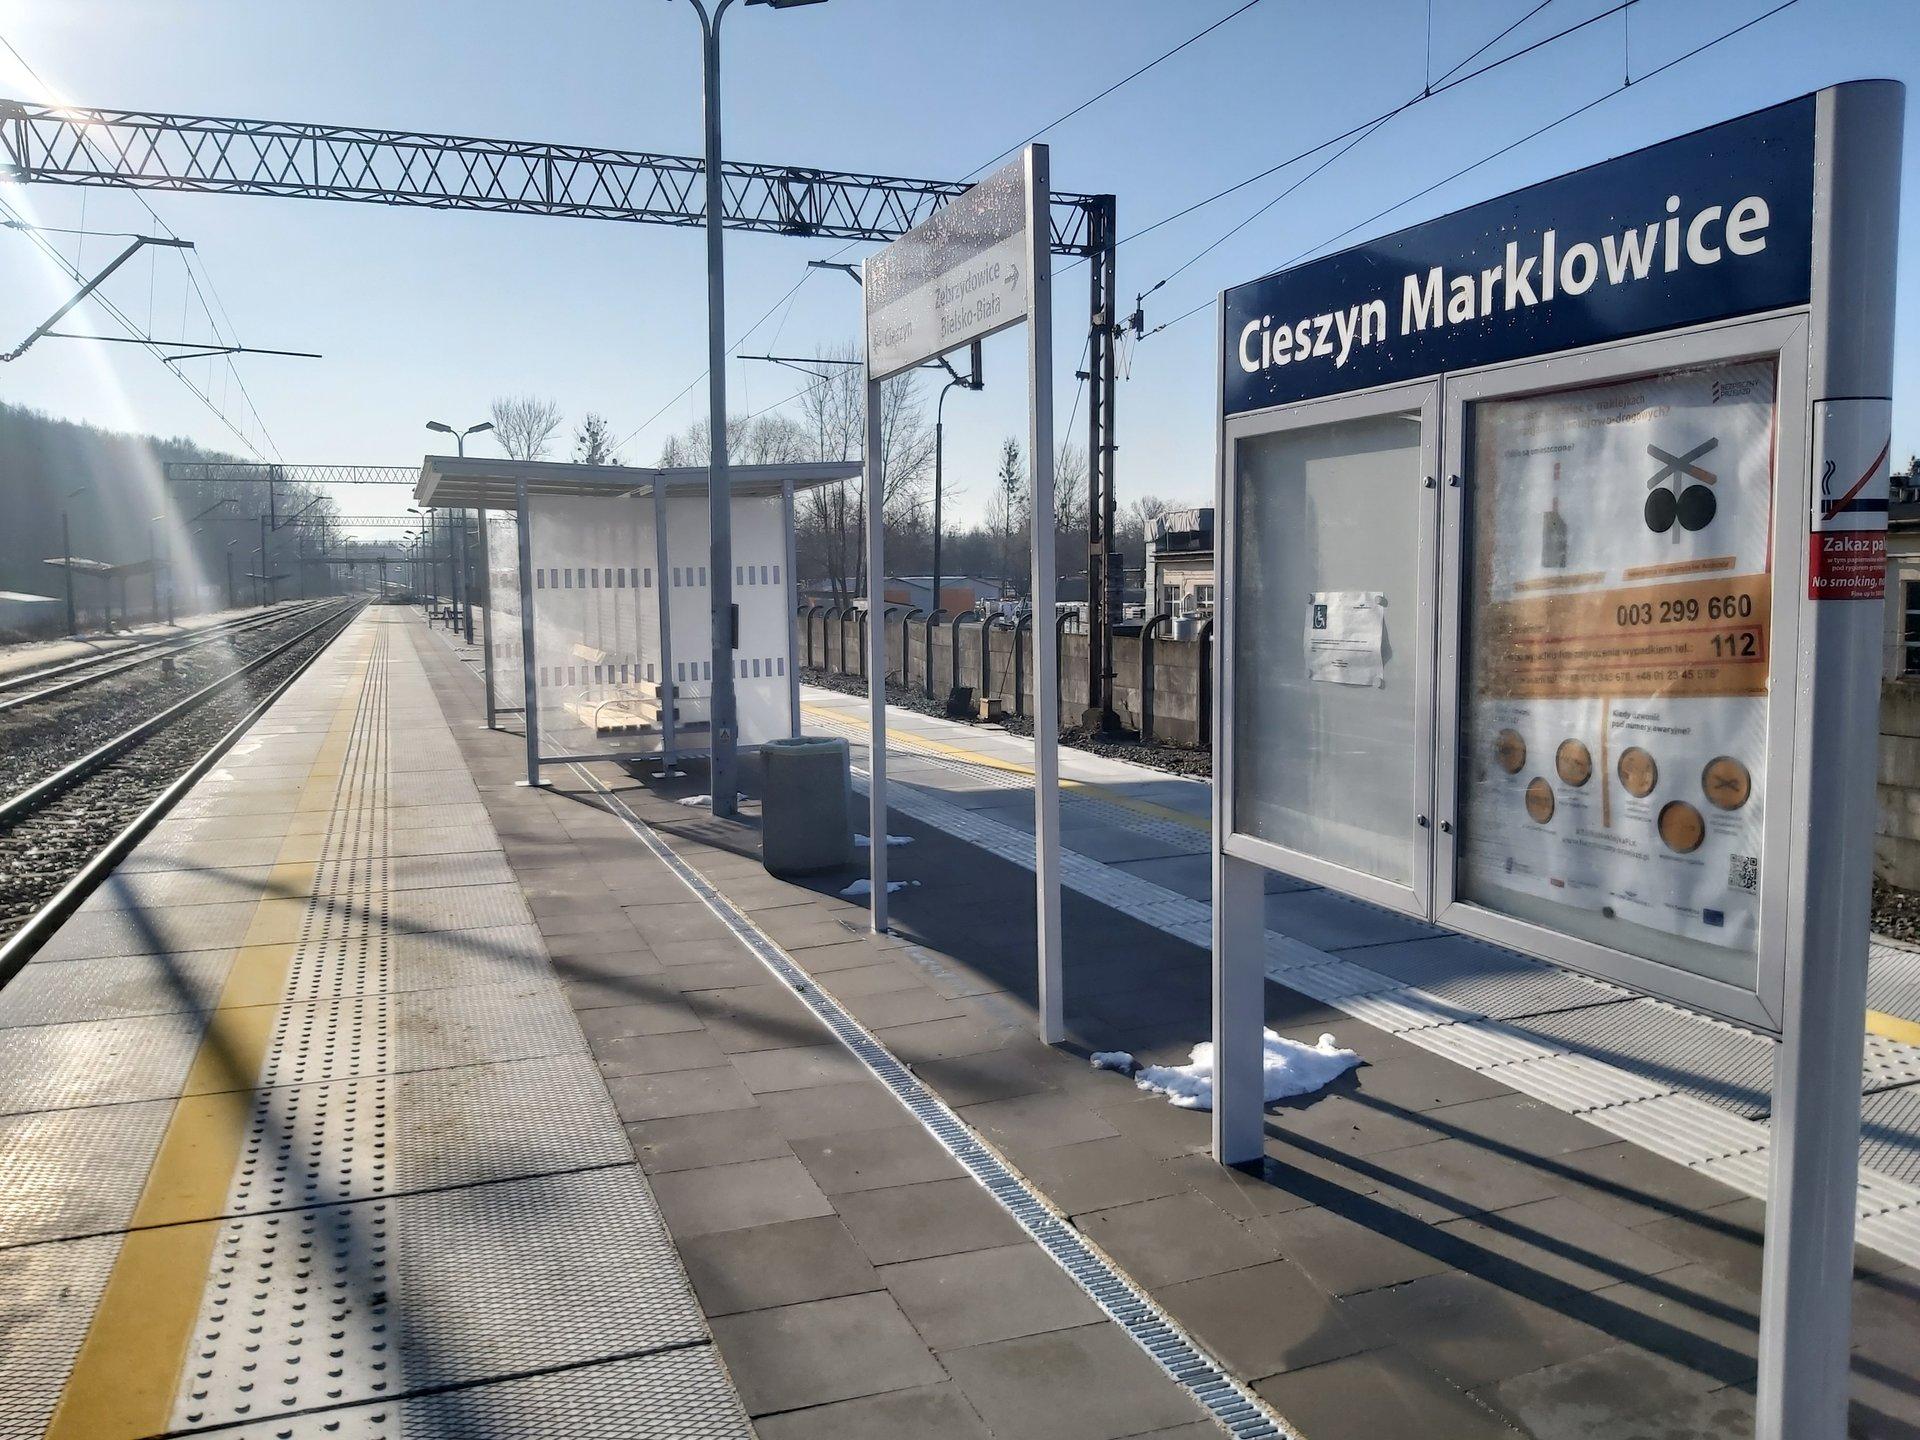 Na przystankach zamontowane zostały nowe wiaty, ławki oraz tzw. strefy czekania, czyli specjalne poręcze do odpoczynku na stojąco (fot. plk-sa.pl)